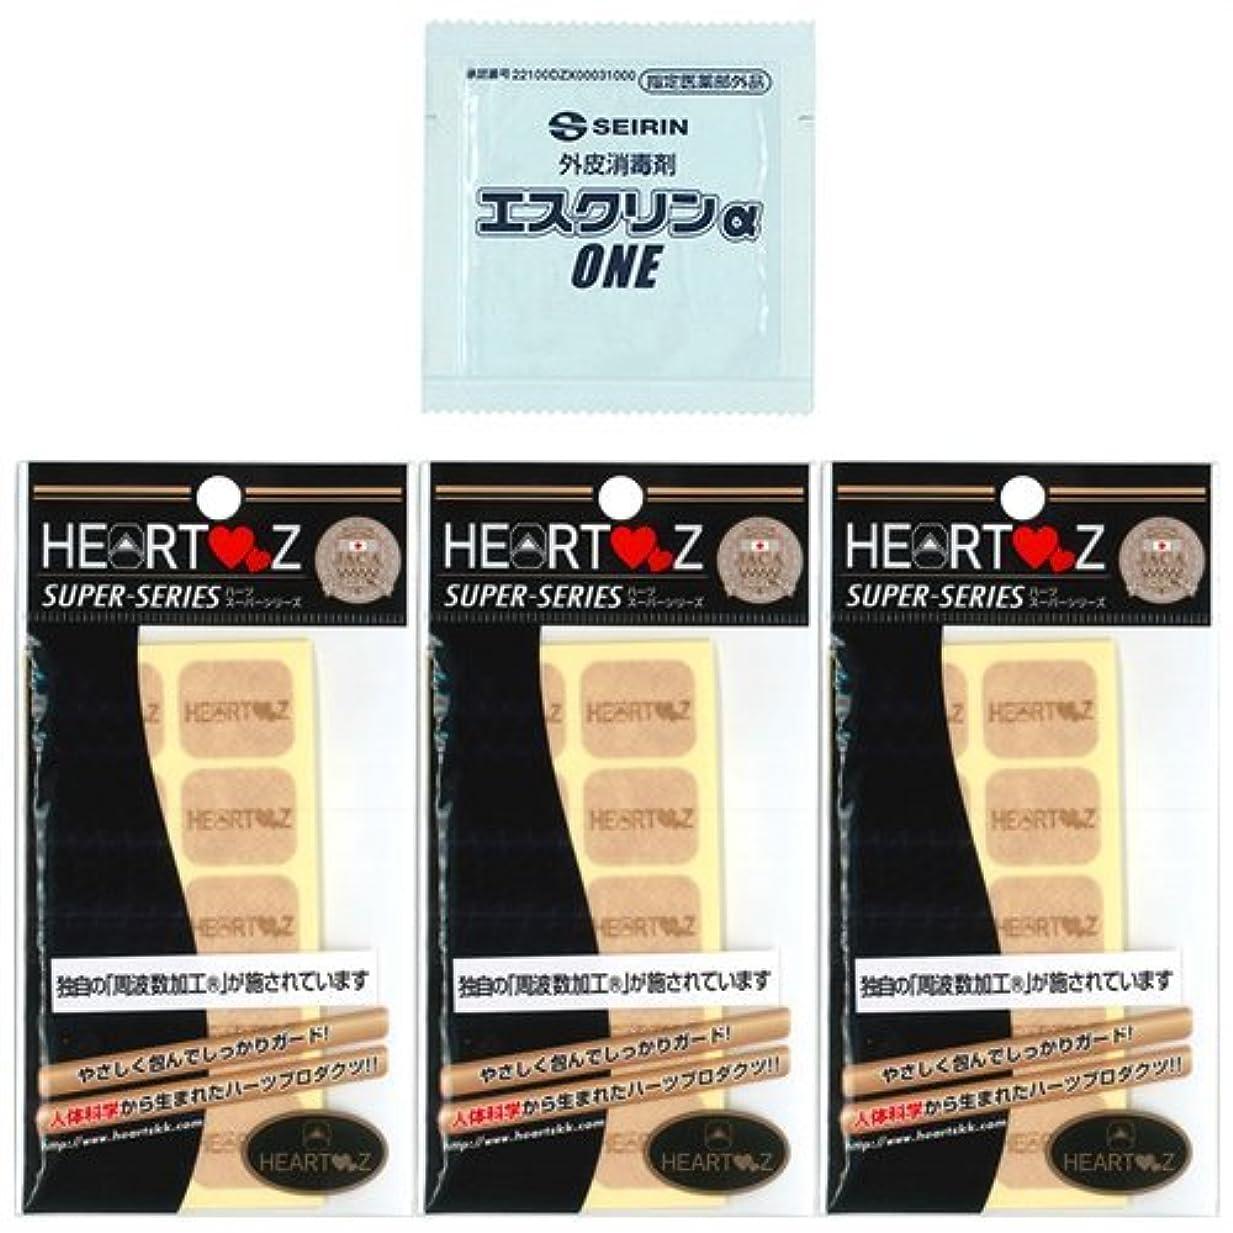 規則性法律レビュー【HEARTZ(ハーツ)】ハーツスーパーシール レギュラータイプ 80枚入×3個セット (計240枚) + エスクリンαONEx1個 セット